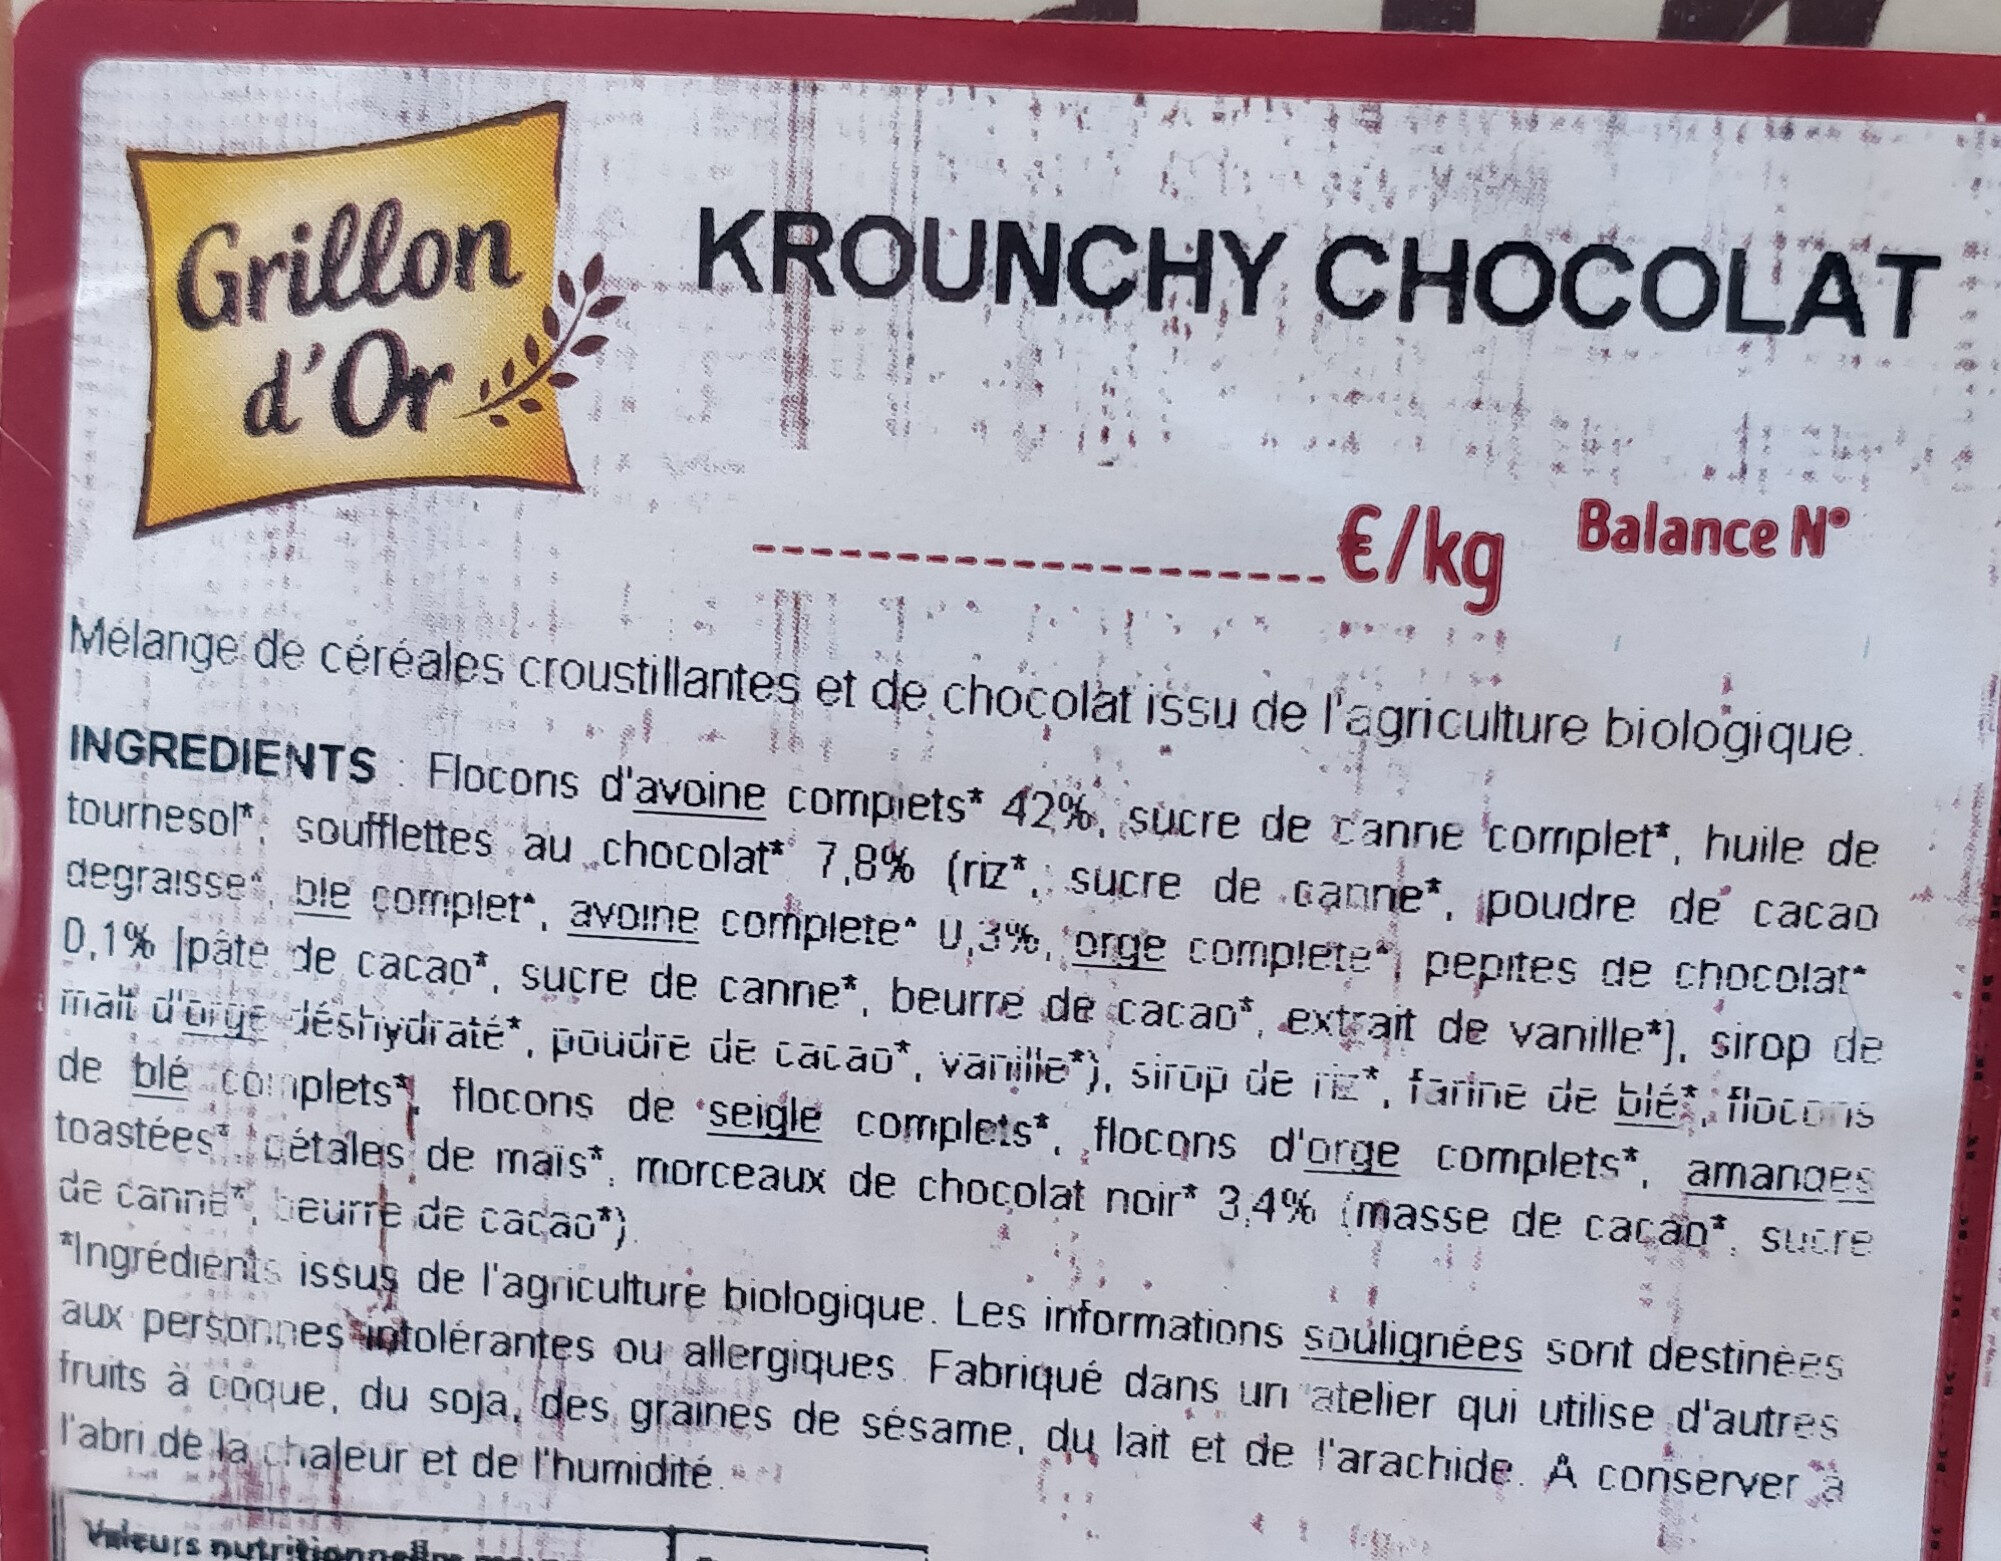 Krounchy chocolat - Ingrediënten - fr